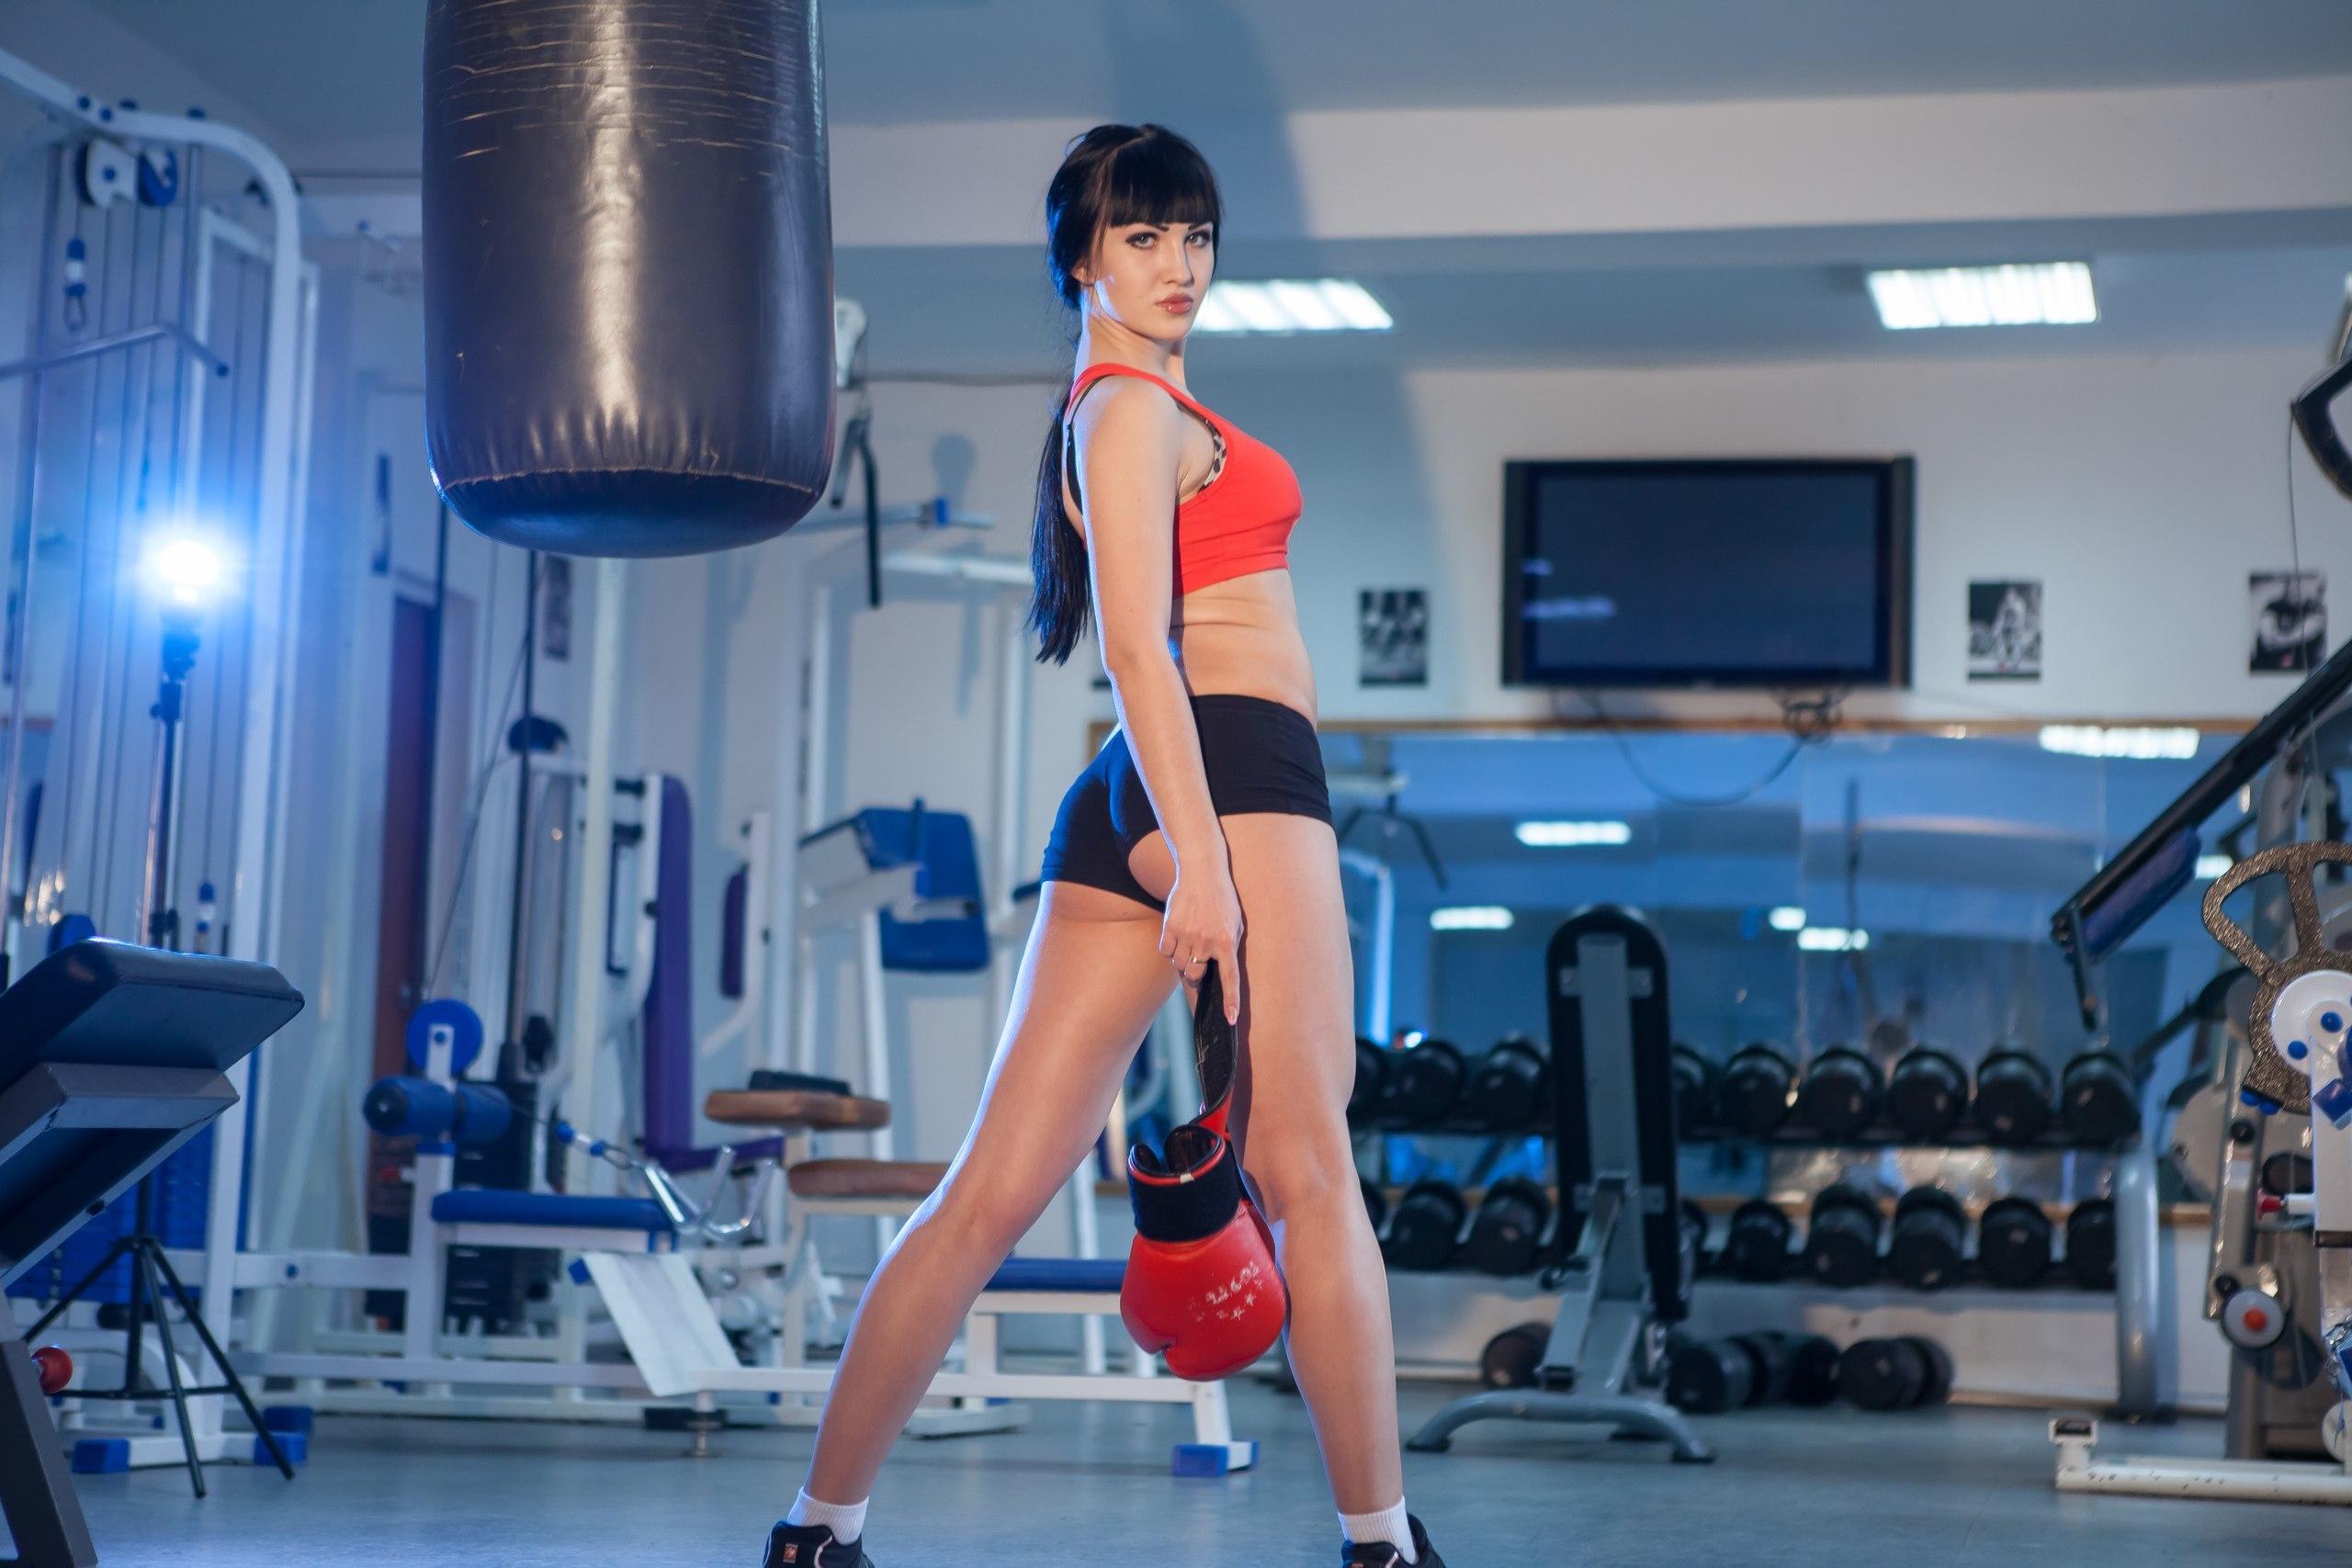 удачном фото московских фитнес тренеров нас